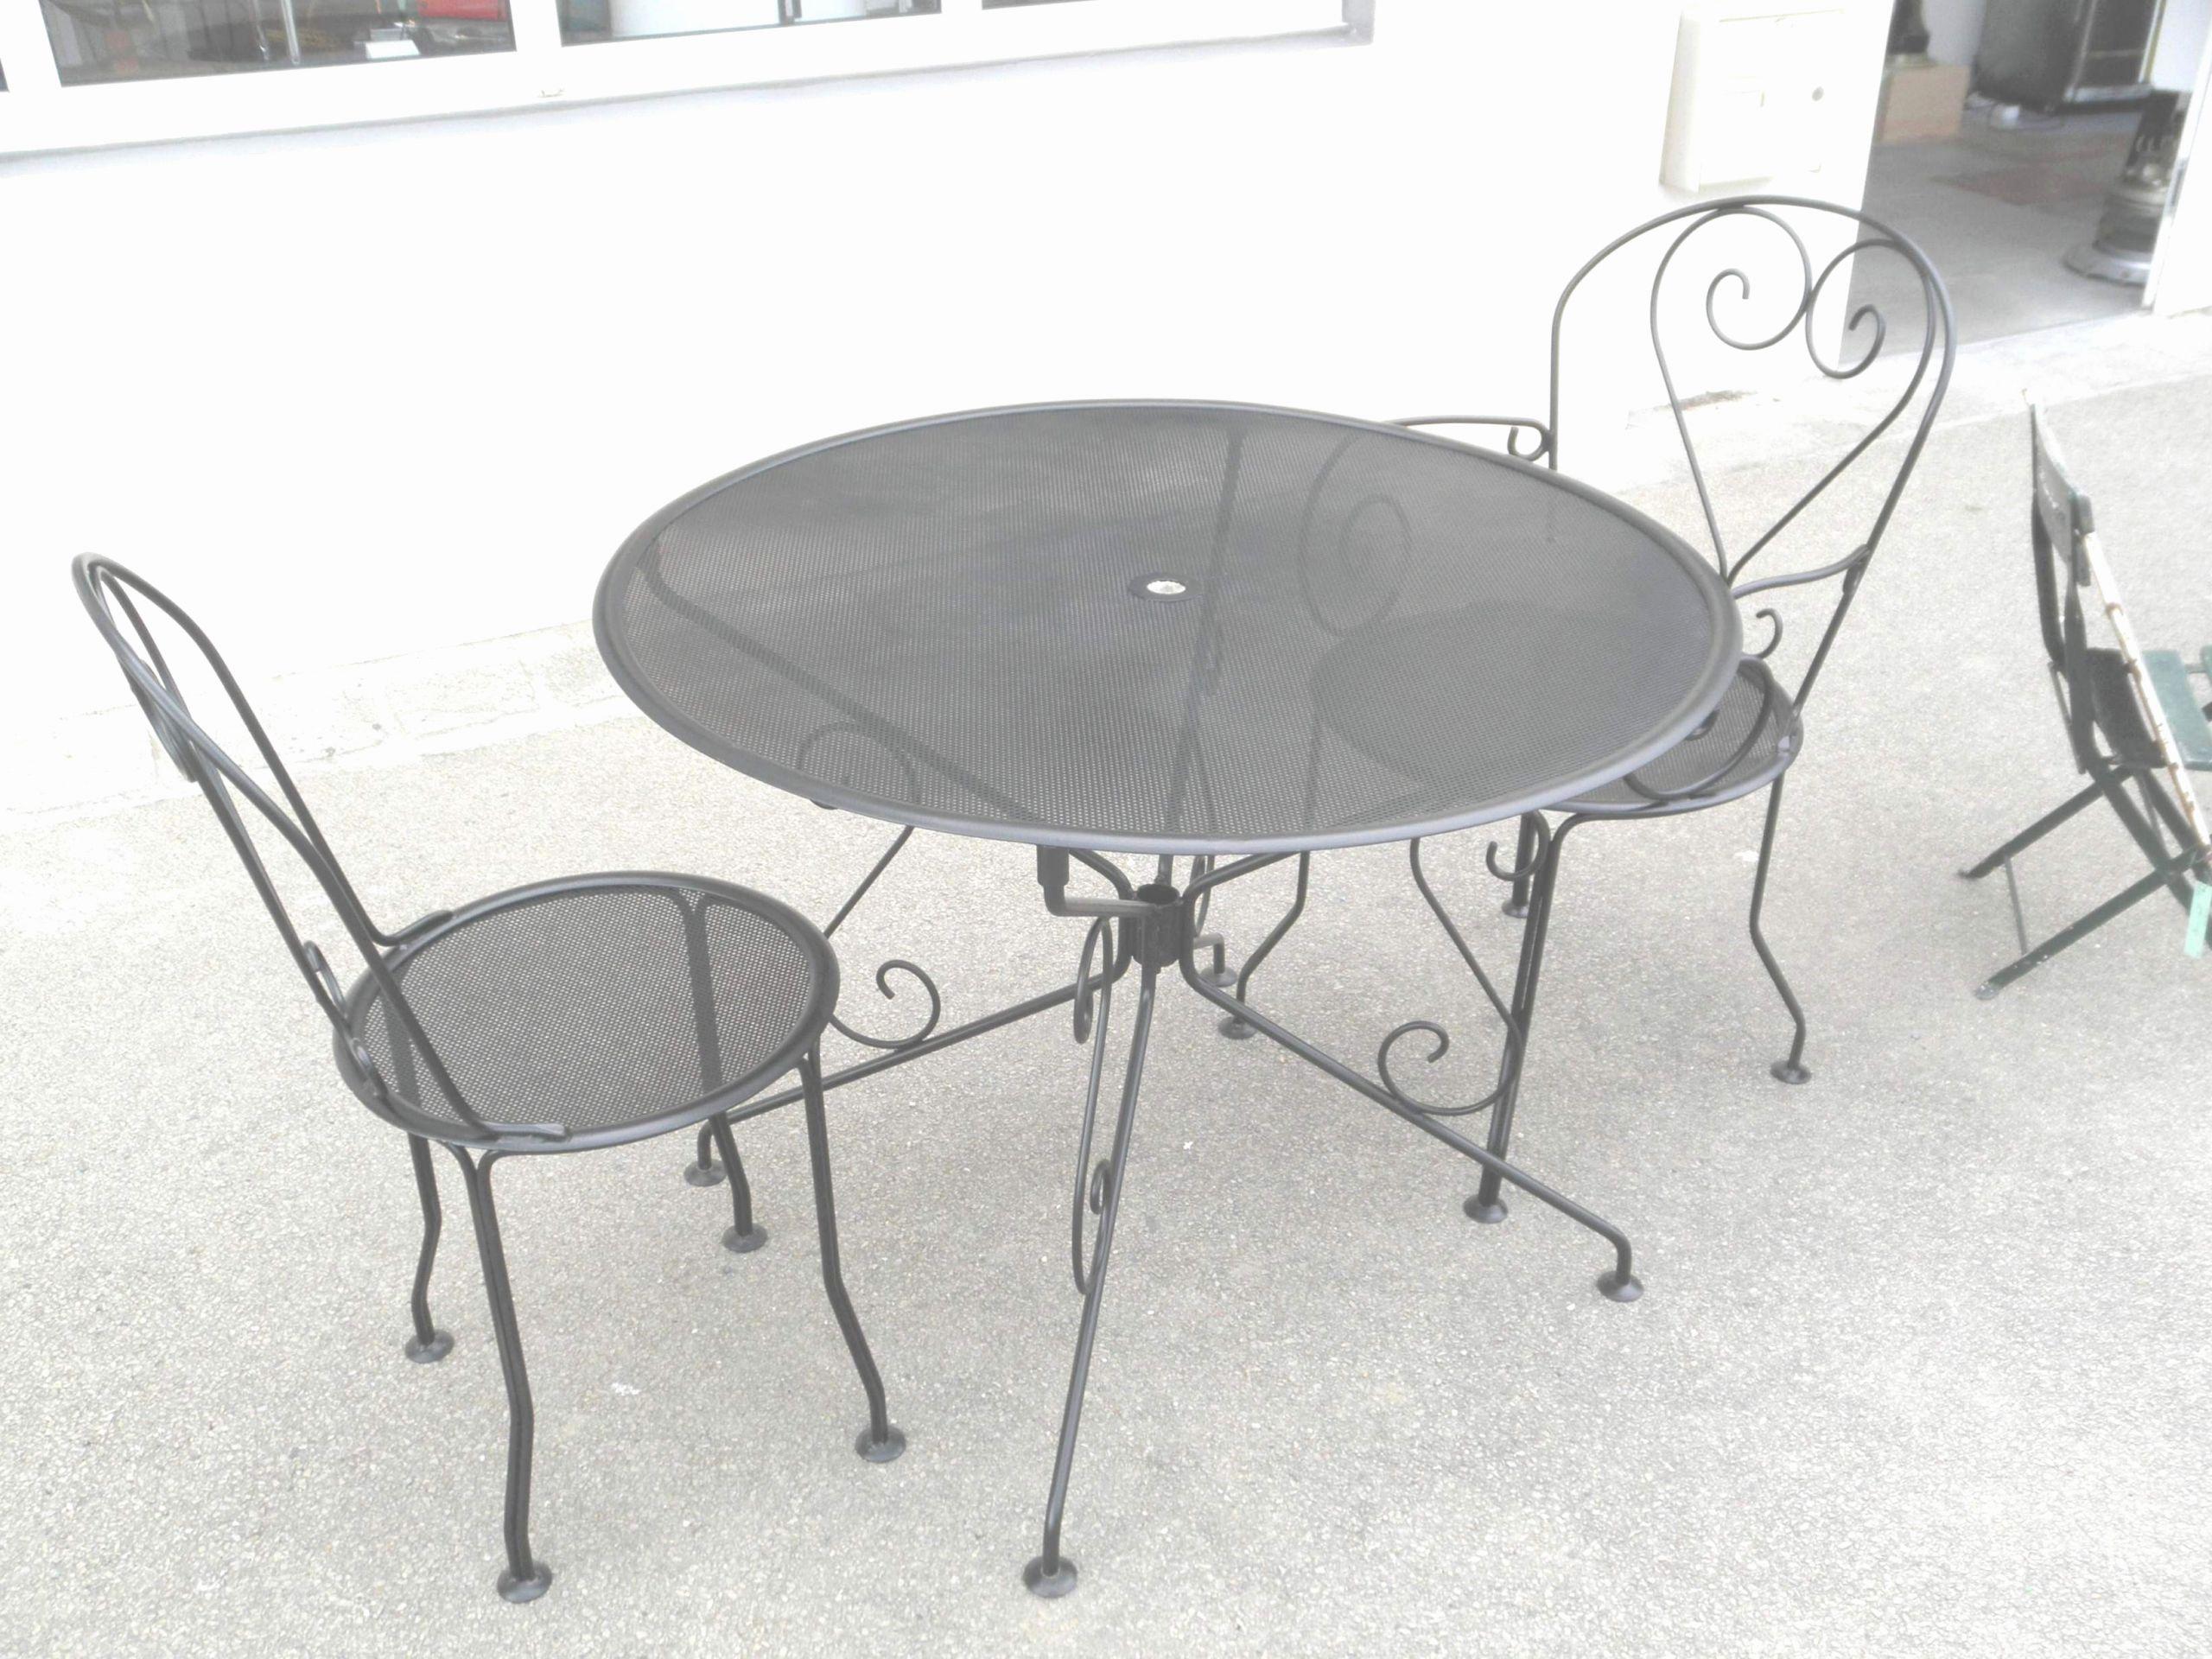 chaise de jardin en metal luxe table chaise exterieur creatif table chaise de jardin of chaise de jardin en metal